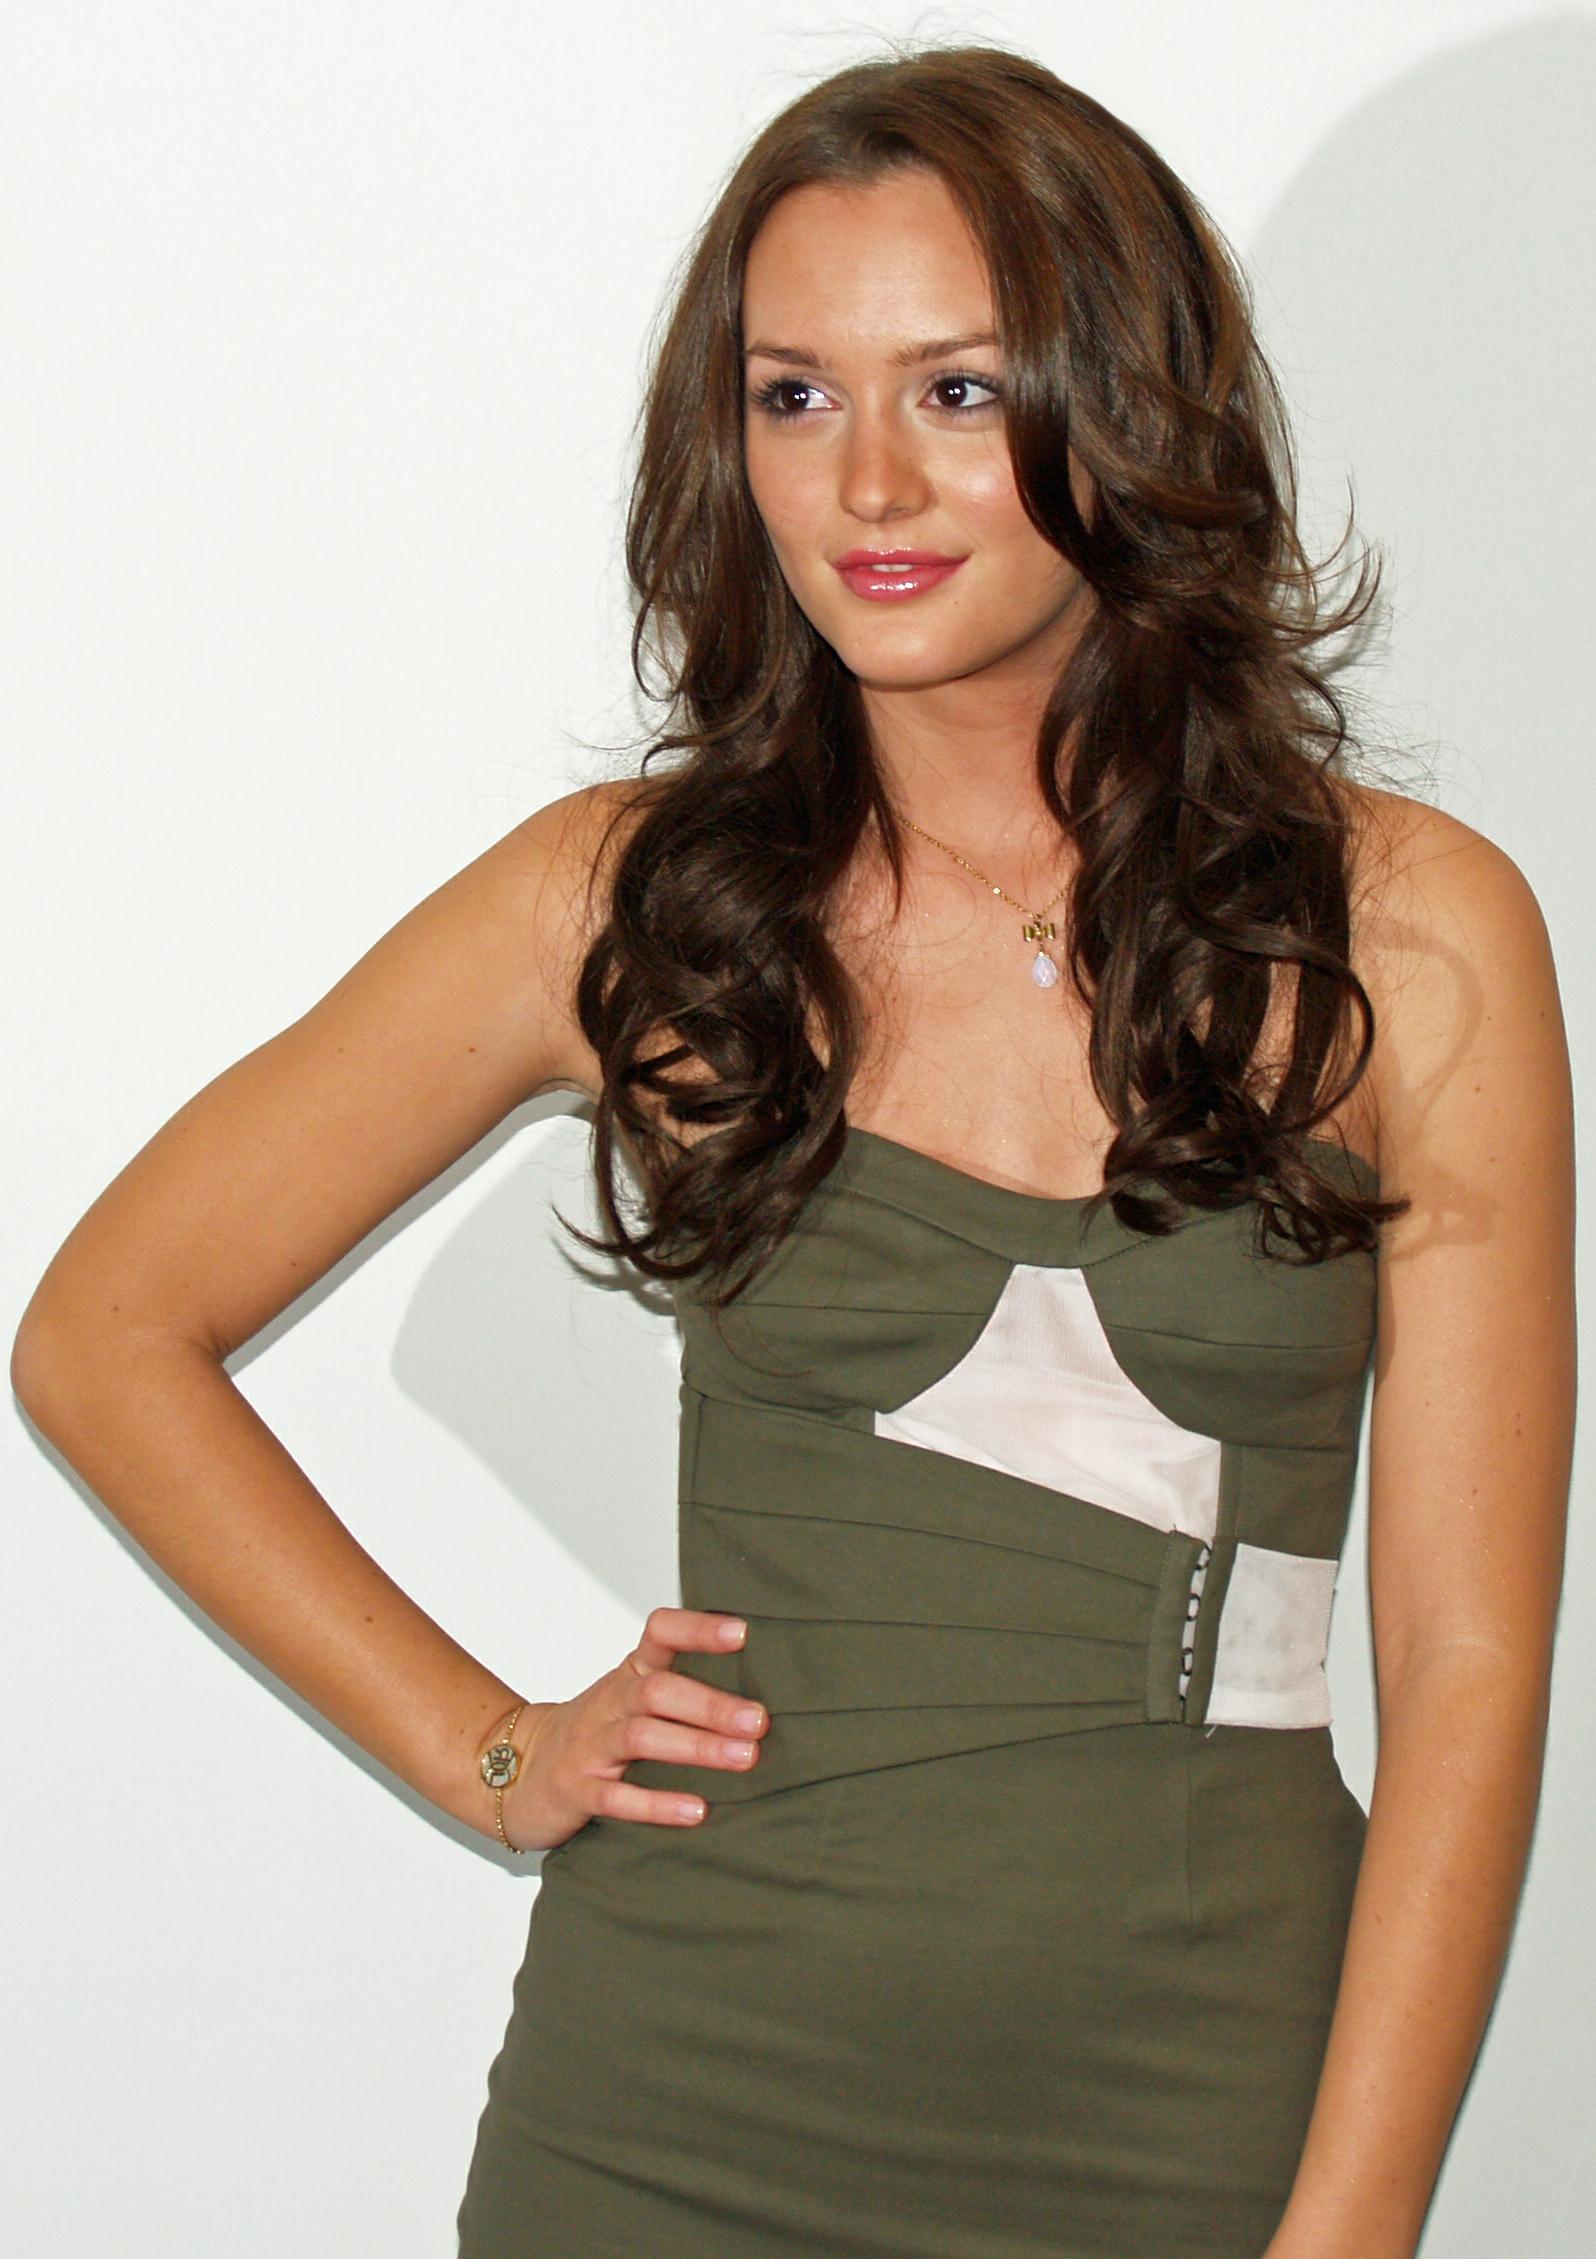 Brunette club seventeen models